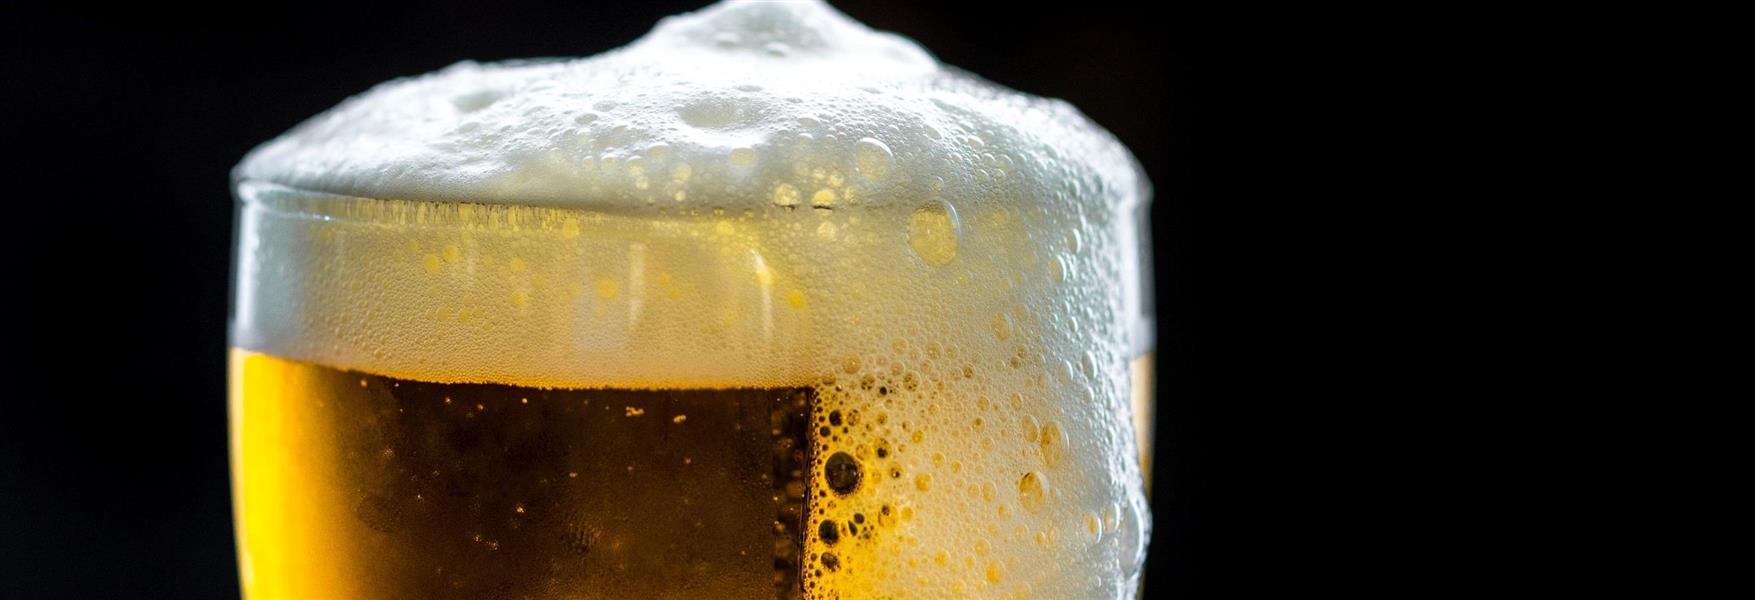 bdae3b4b-4418-473b-8b14-7dbd472f3c85_beer picture.jpg